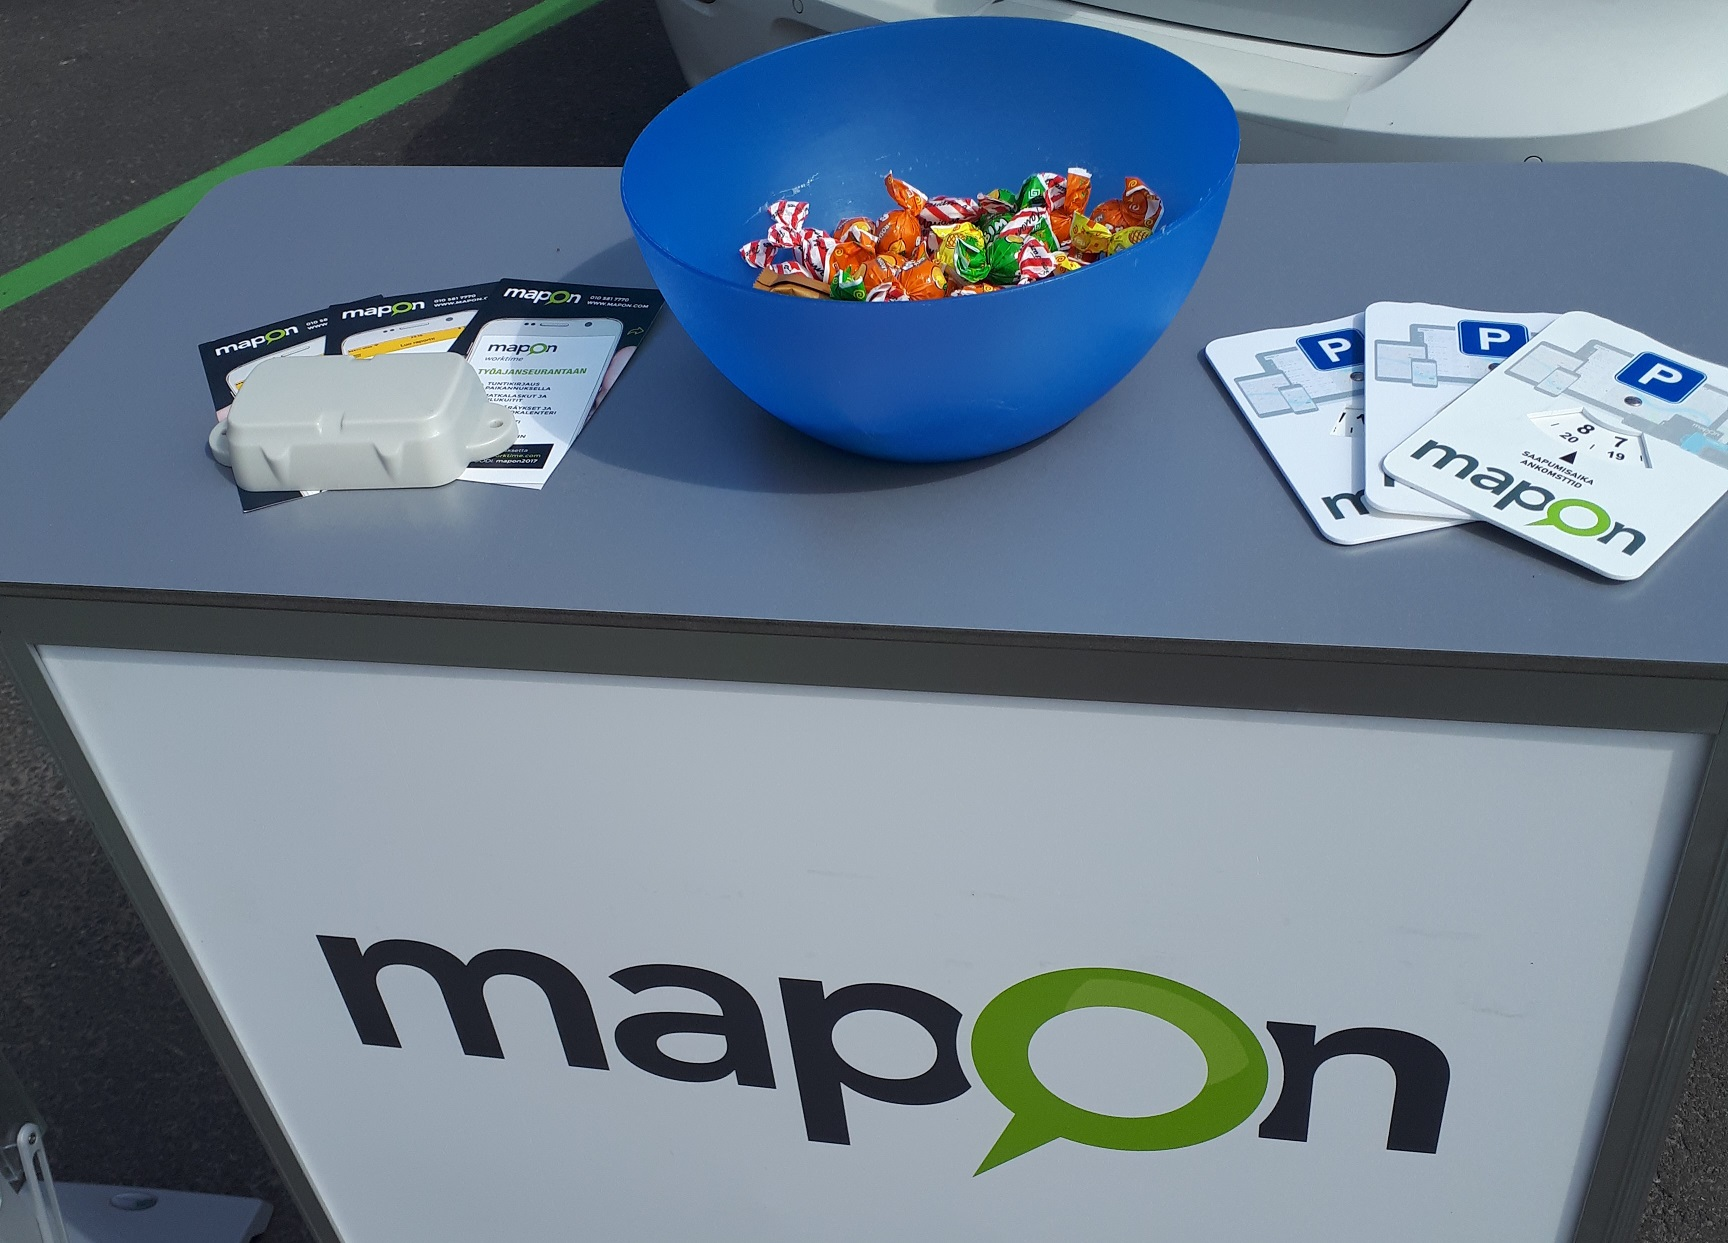 Maponin Golf Roadshow viihdytti Suomipop festarien aikaan Jyväskylässä!